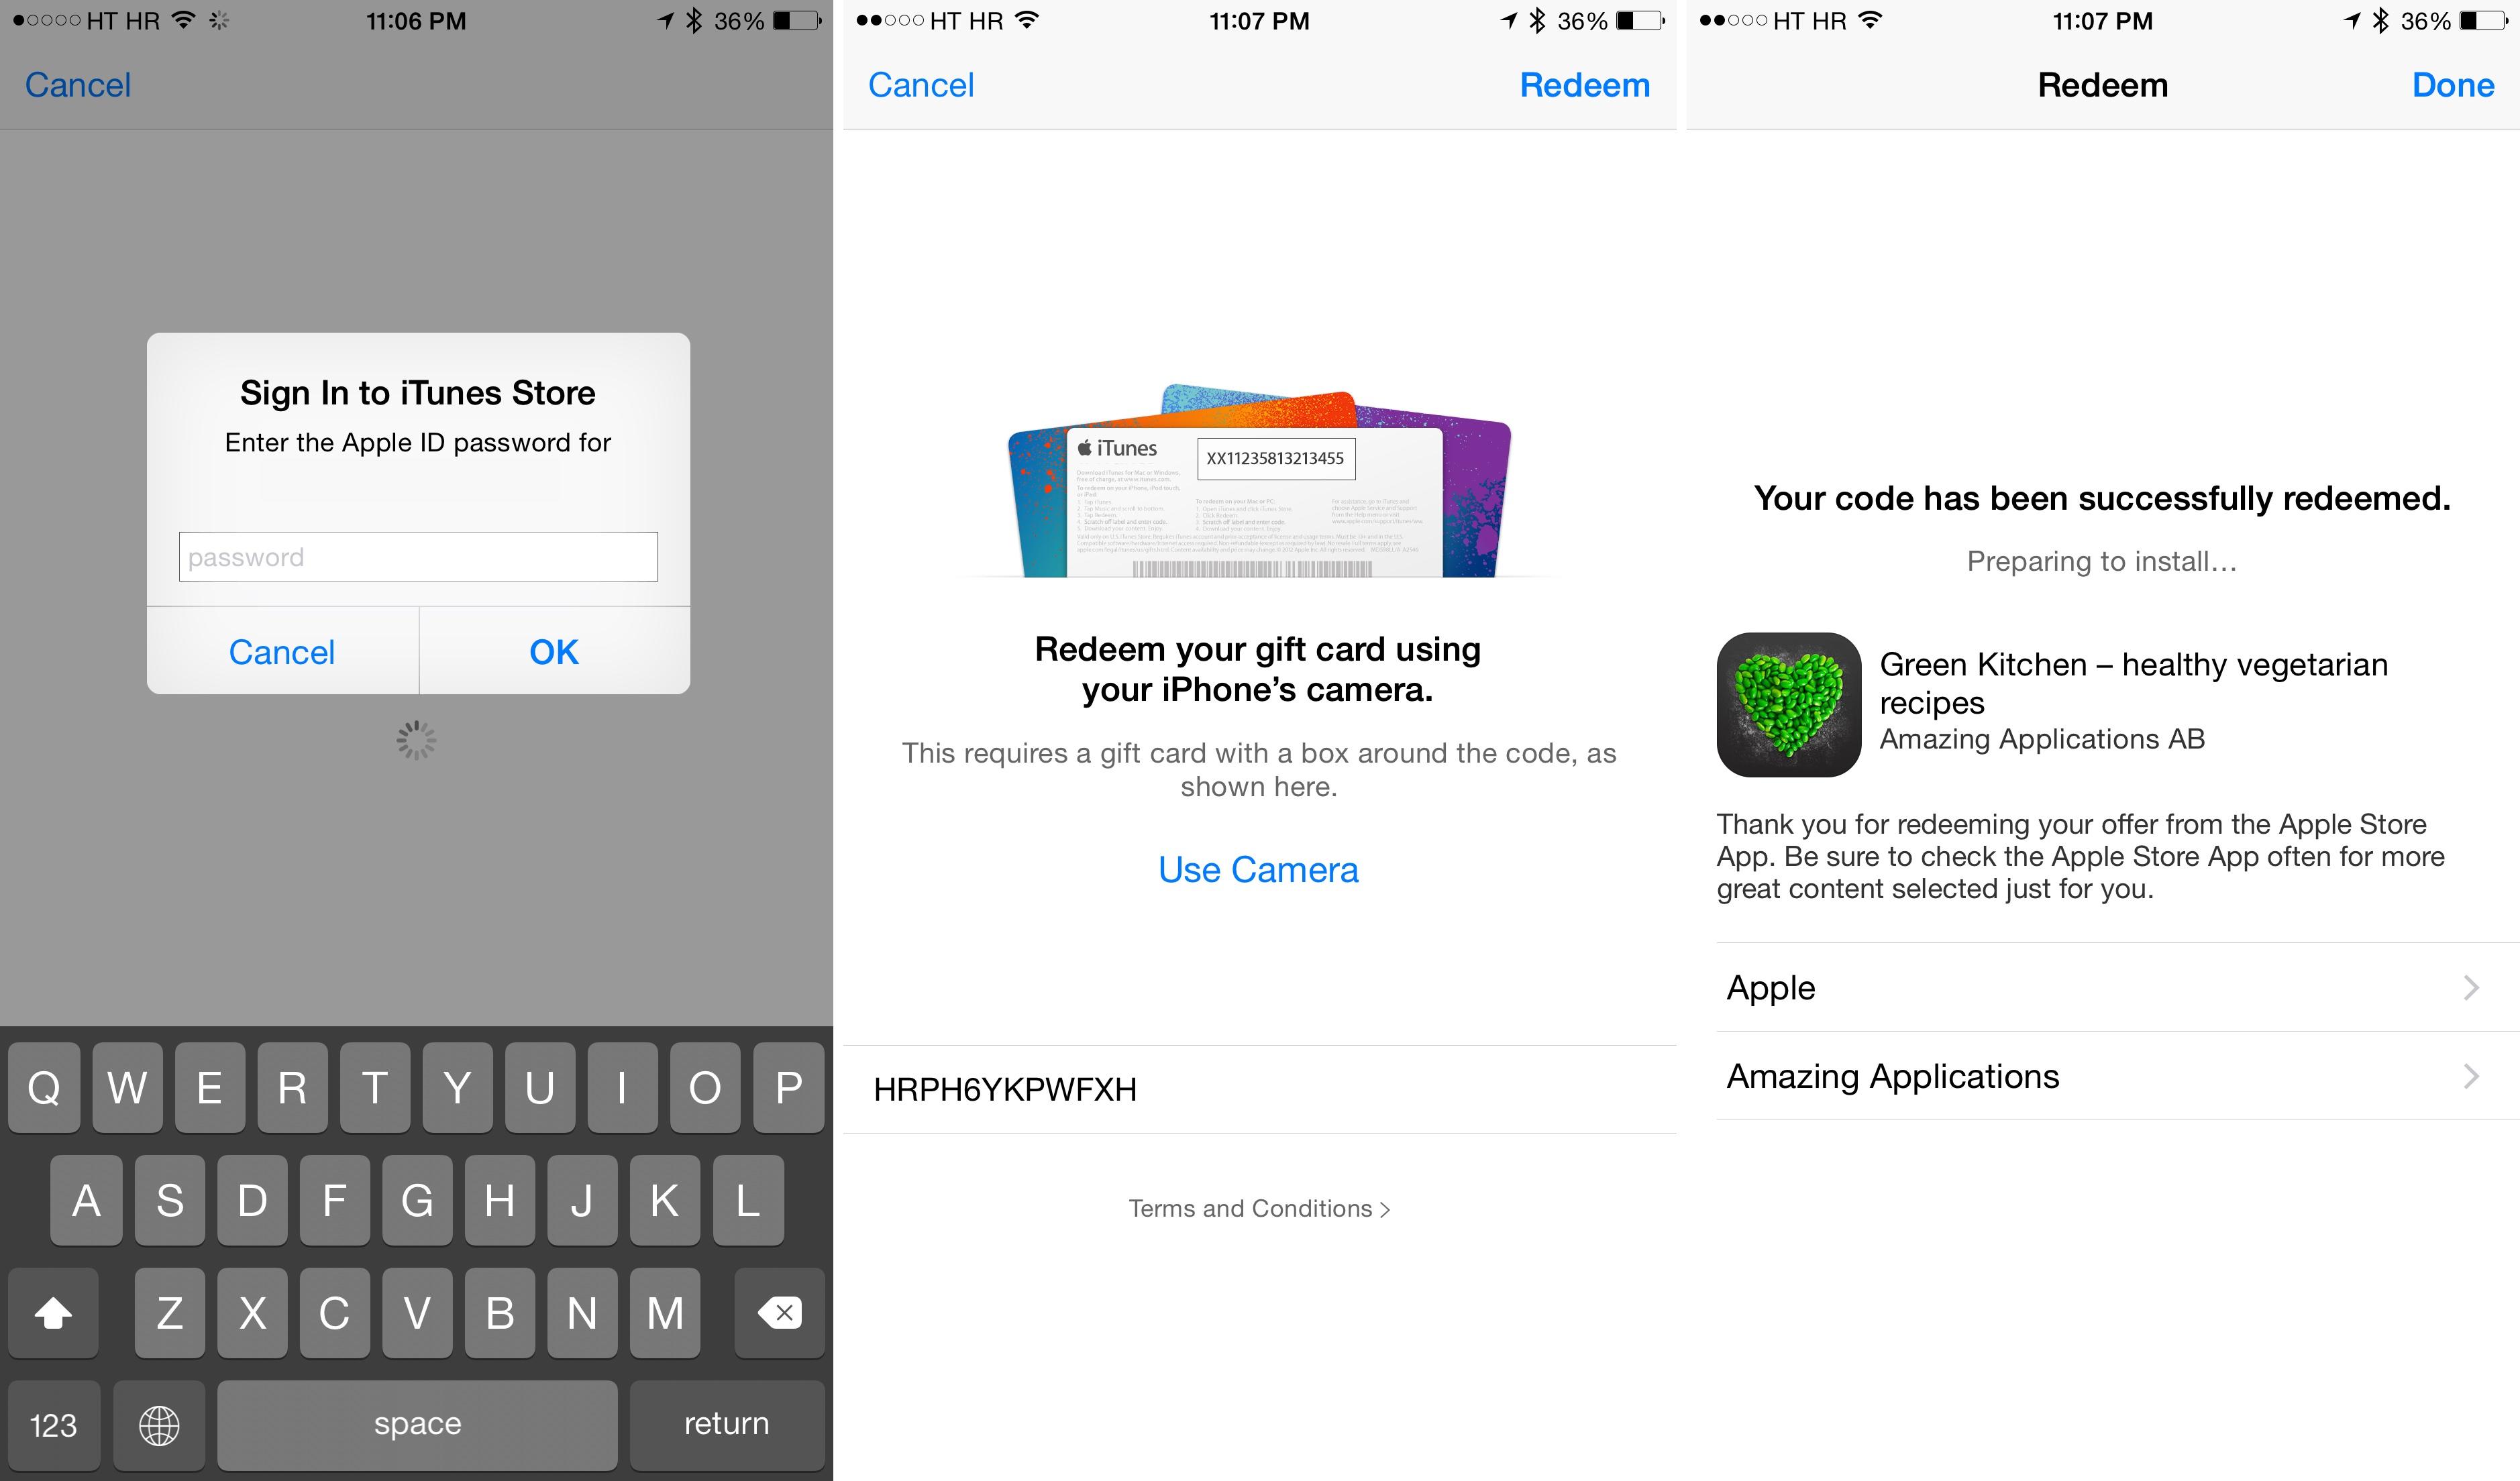 Captura de pantalla del iPhone 002 de Green Kitchen para iOS Apple Store